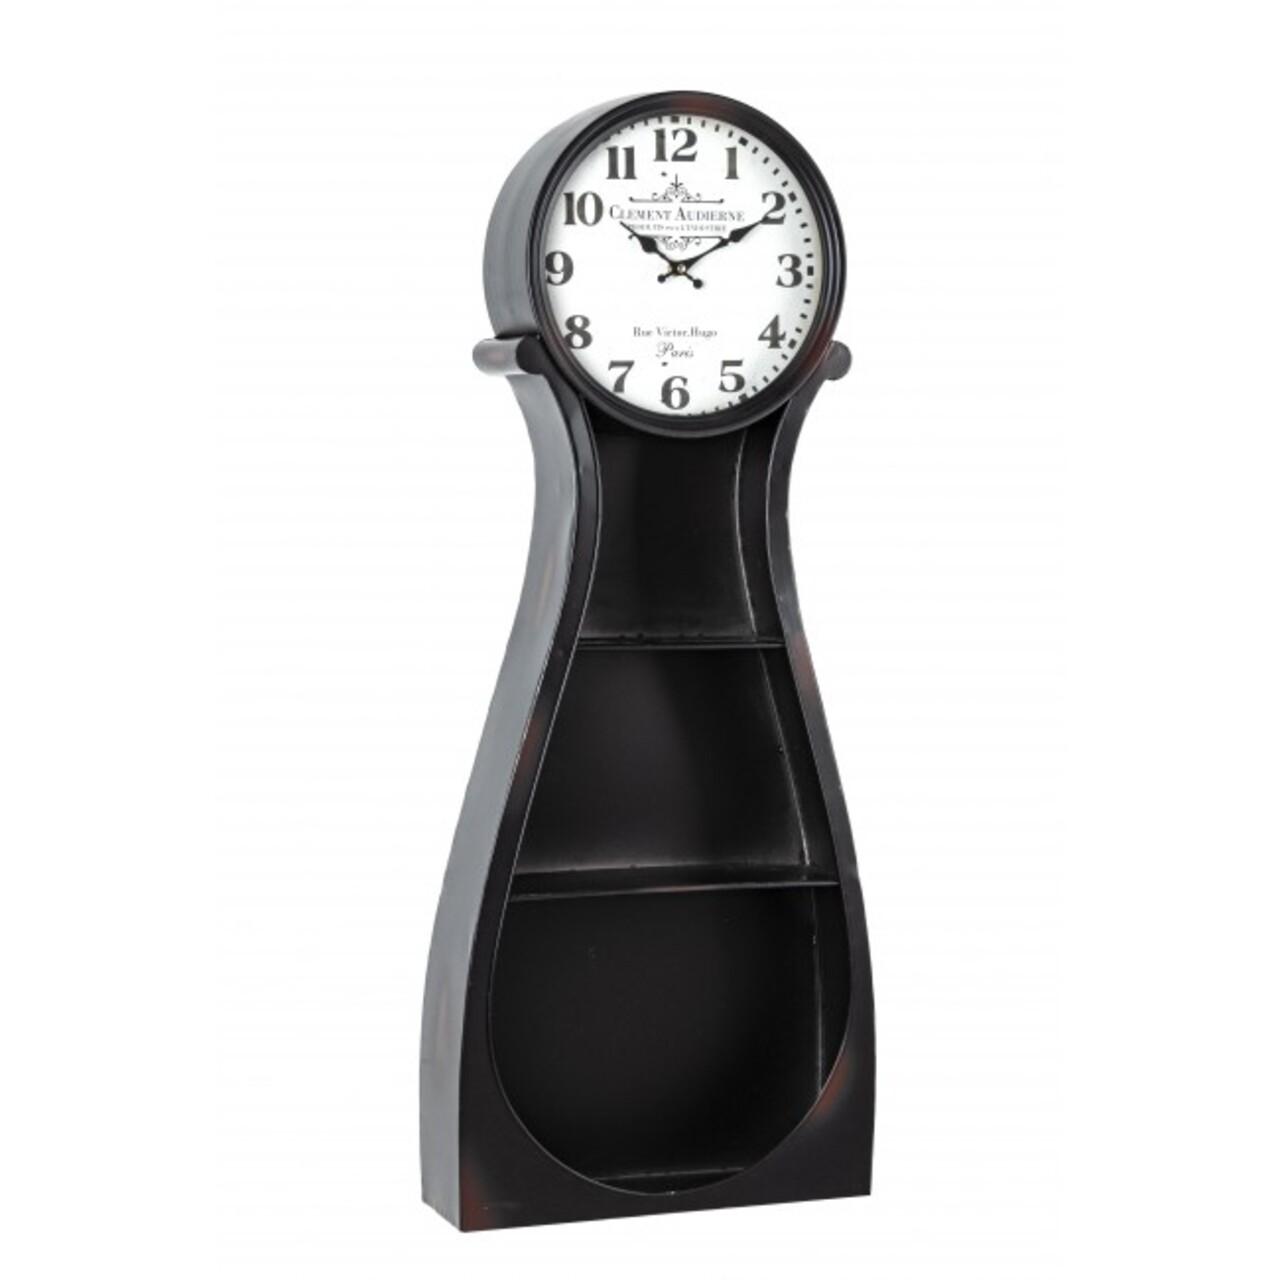 Cabinet cu ceas, Roland, Bizzotto, 38.5x12x98 cm, otel, negru